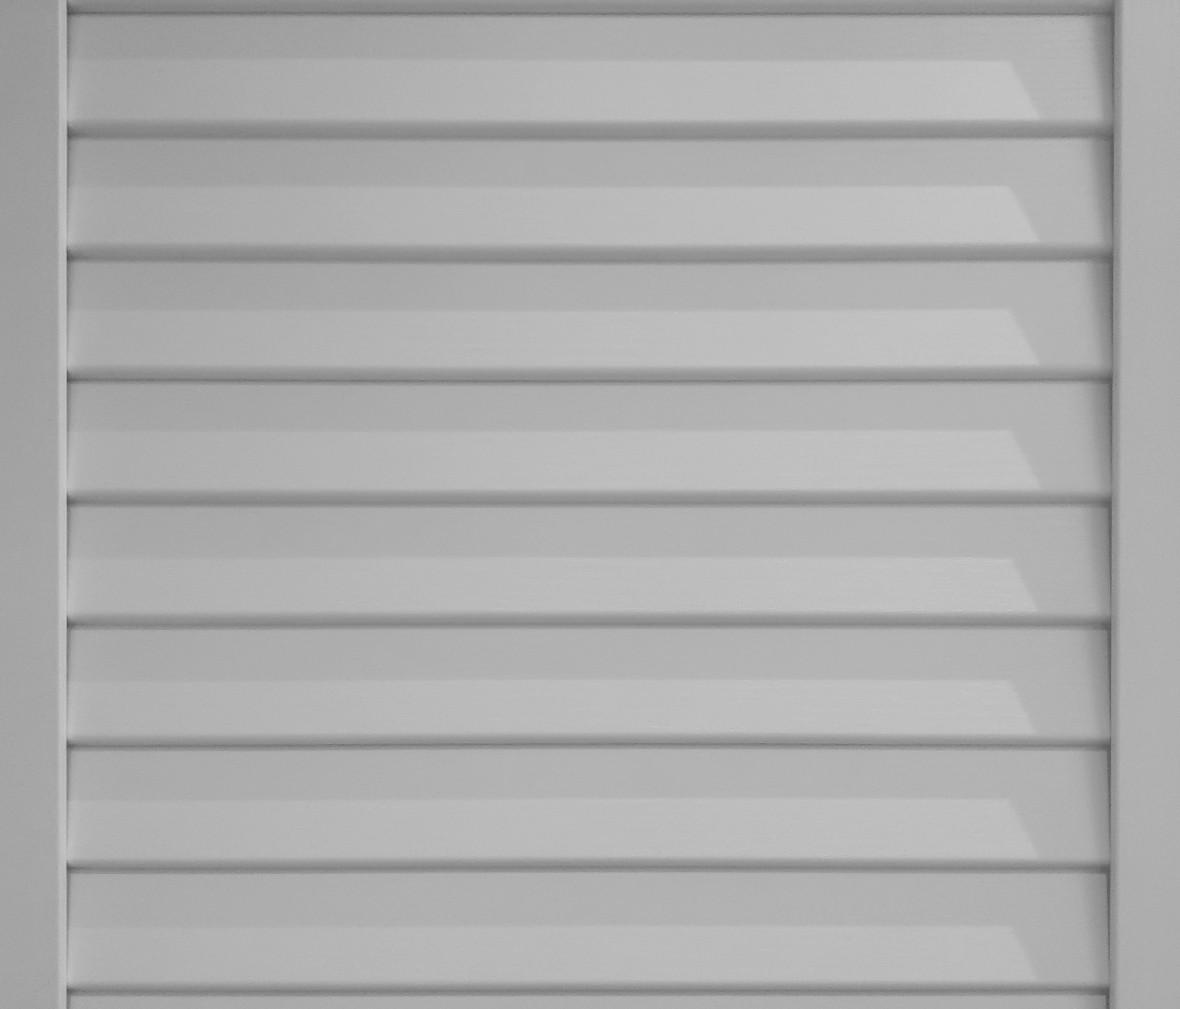 好莱客 FB百叶型号白色平开门 木塑板+铝镁钛合金边框定制柜门衣柜图片、价格、品牌、评测样样齐全!【蓝景商城正品行货,蓝景丽家大钟寺家居广场提货,北京地区配送,领券更优惠,线上线下同品同价,立即购买享受更多优惠哦!】